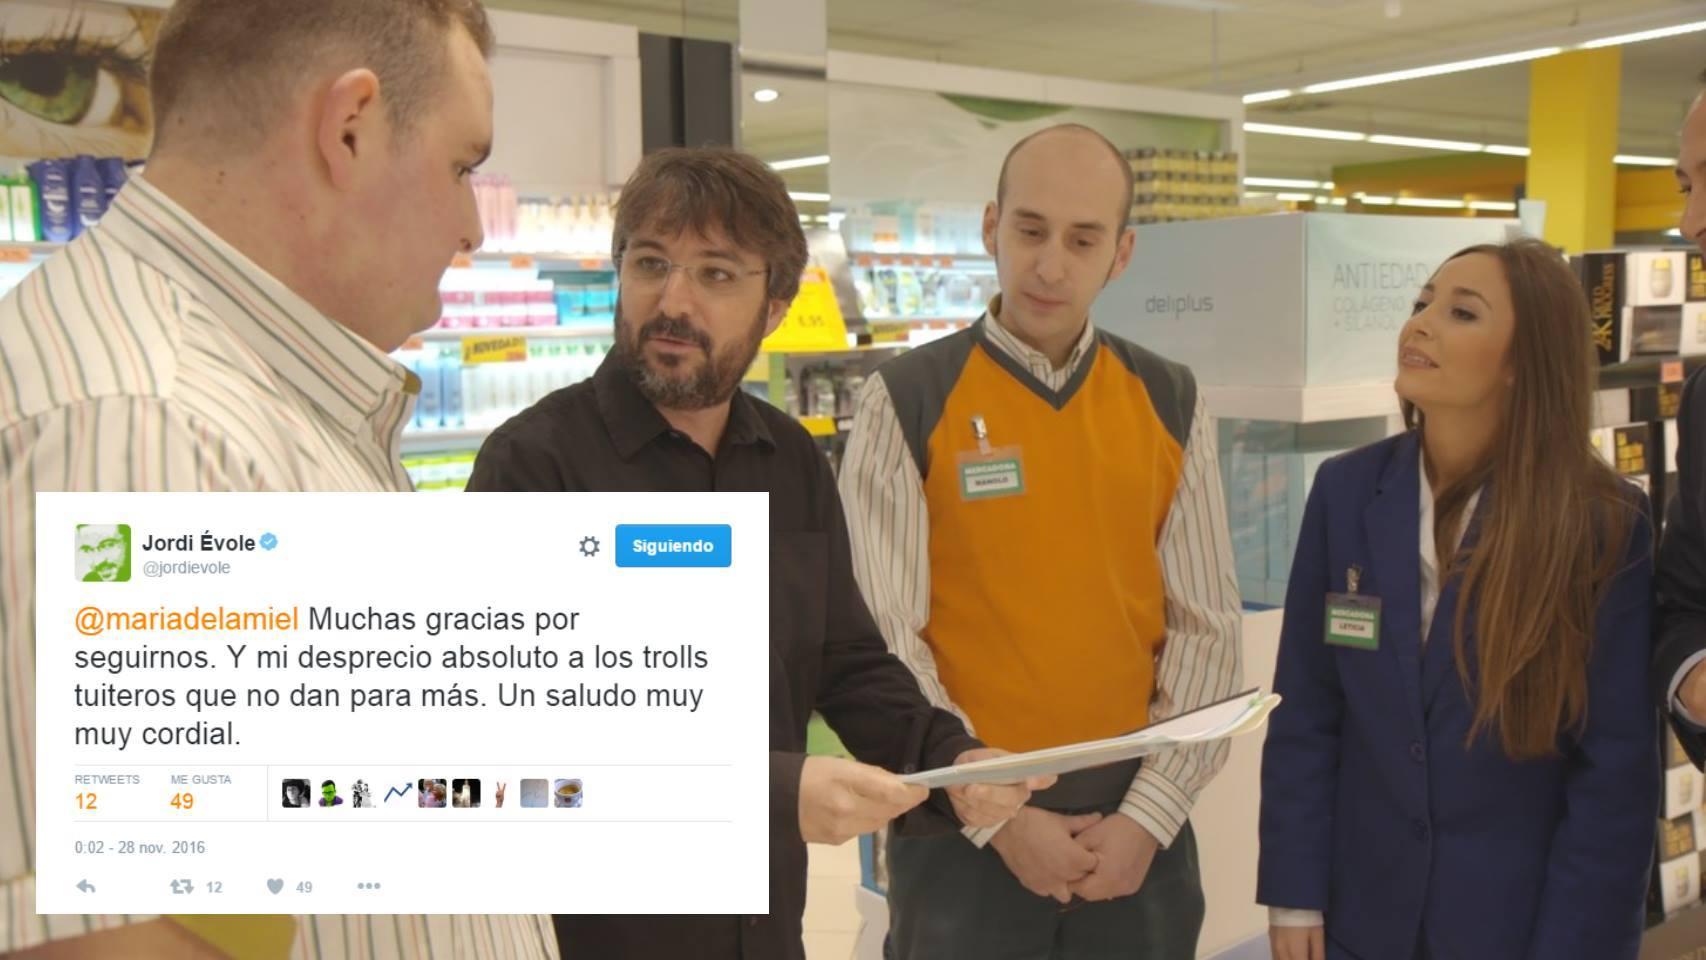 Uno momento del programa y el tuit de Jordi Évole.